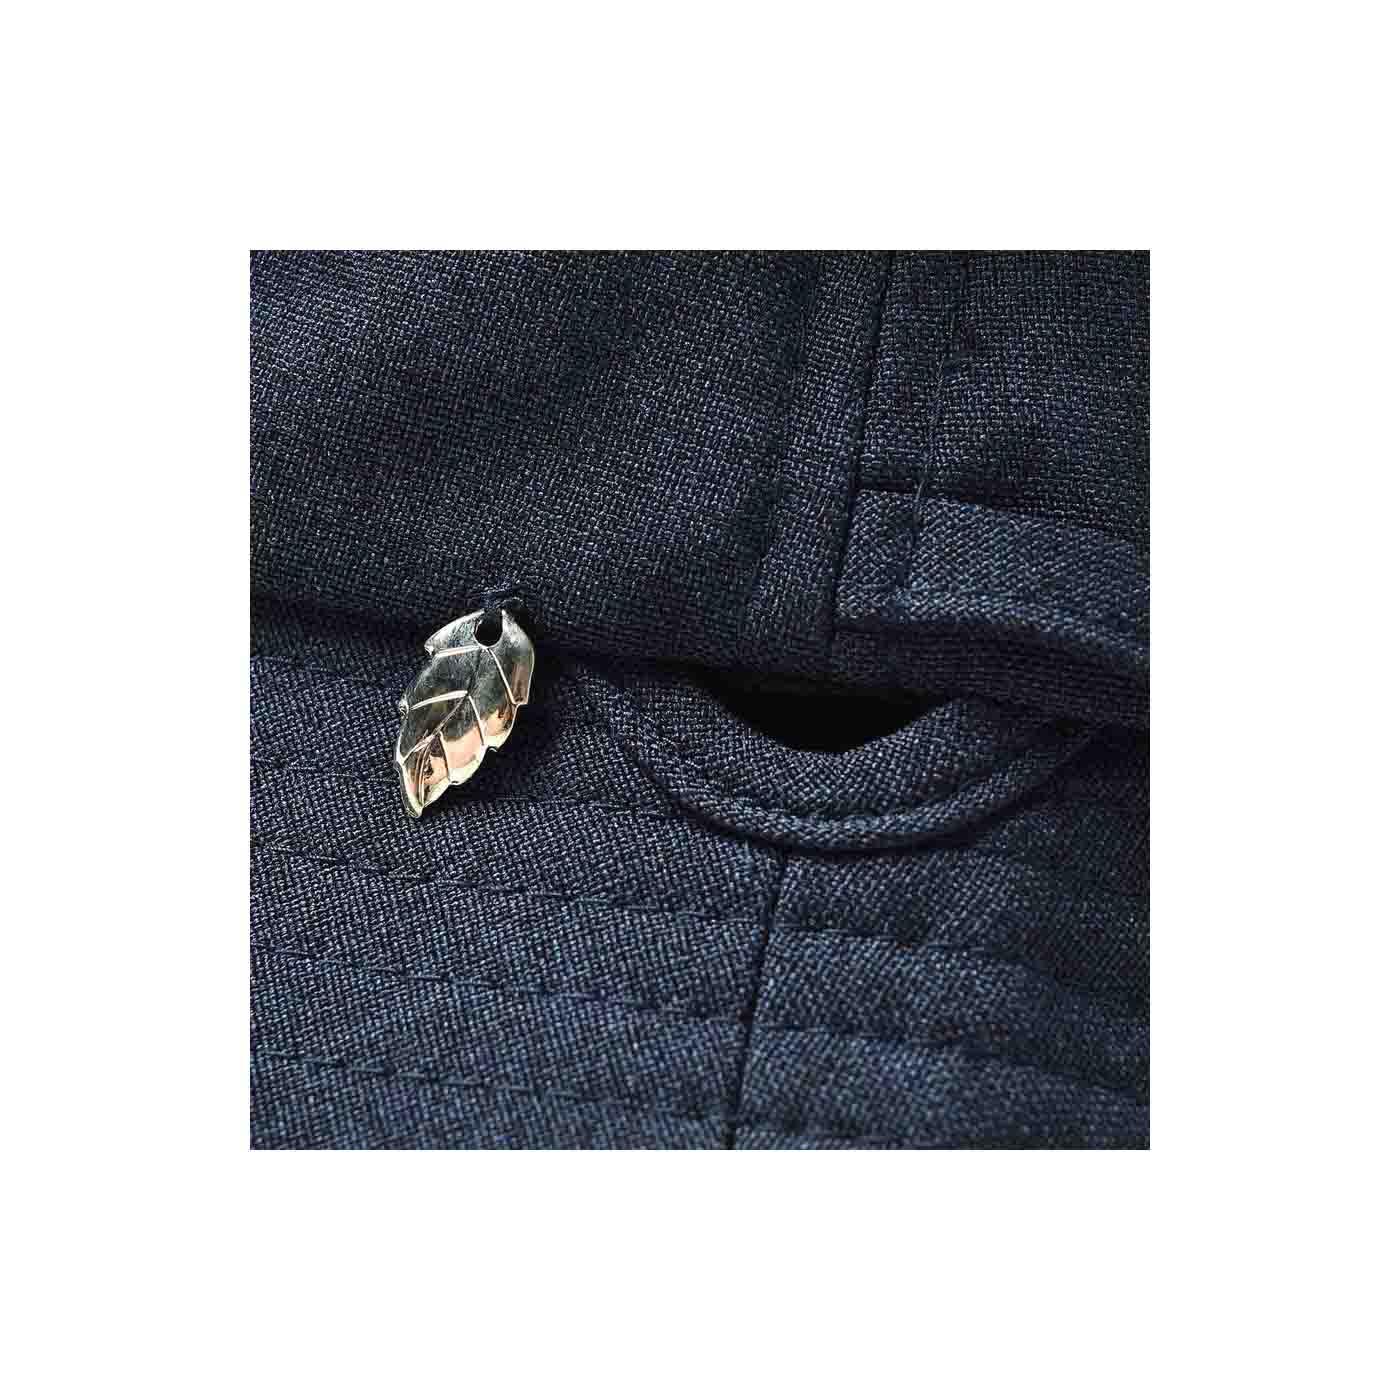 飾りひもをほどいて両サイドの穴に通し、首もとで結べる仕様にできます。